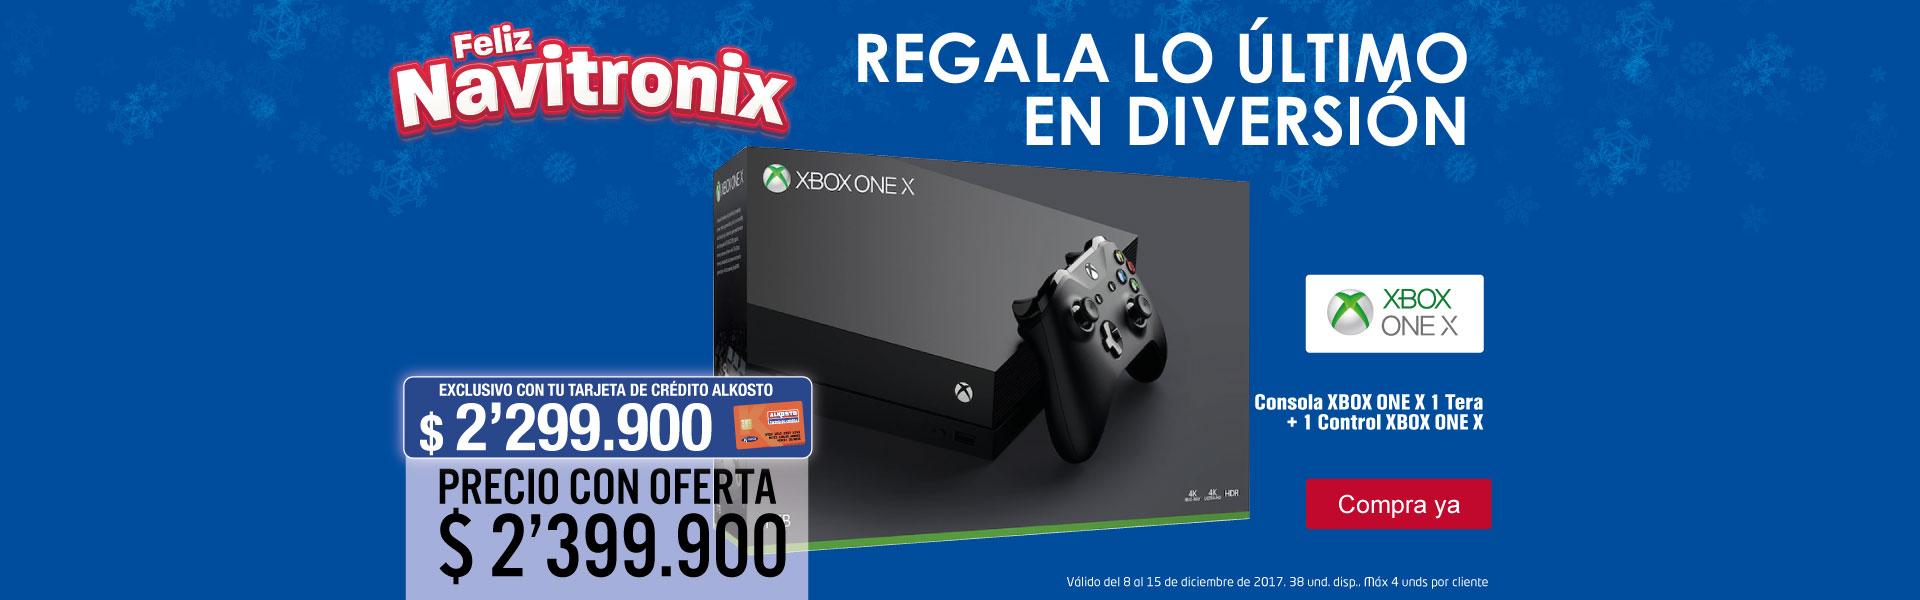 PPAL KT-3-videojuegos-xboxonex-cat-dic8-15